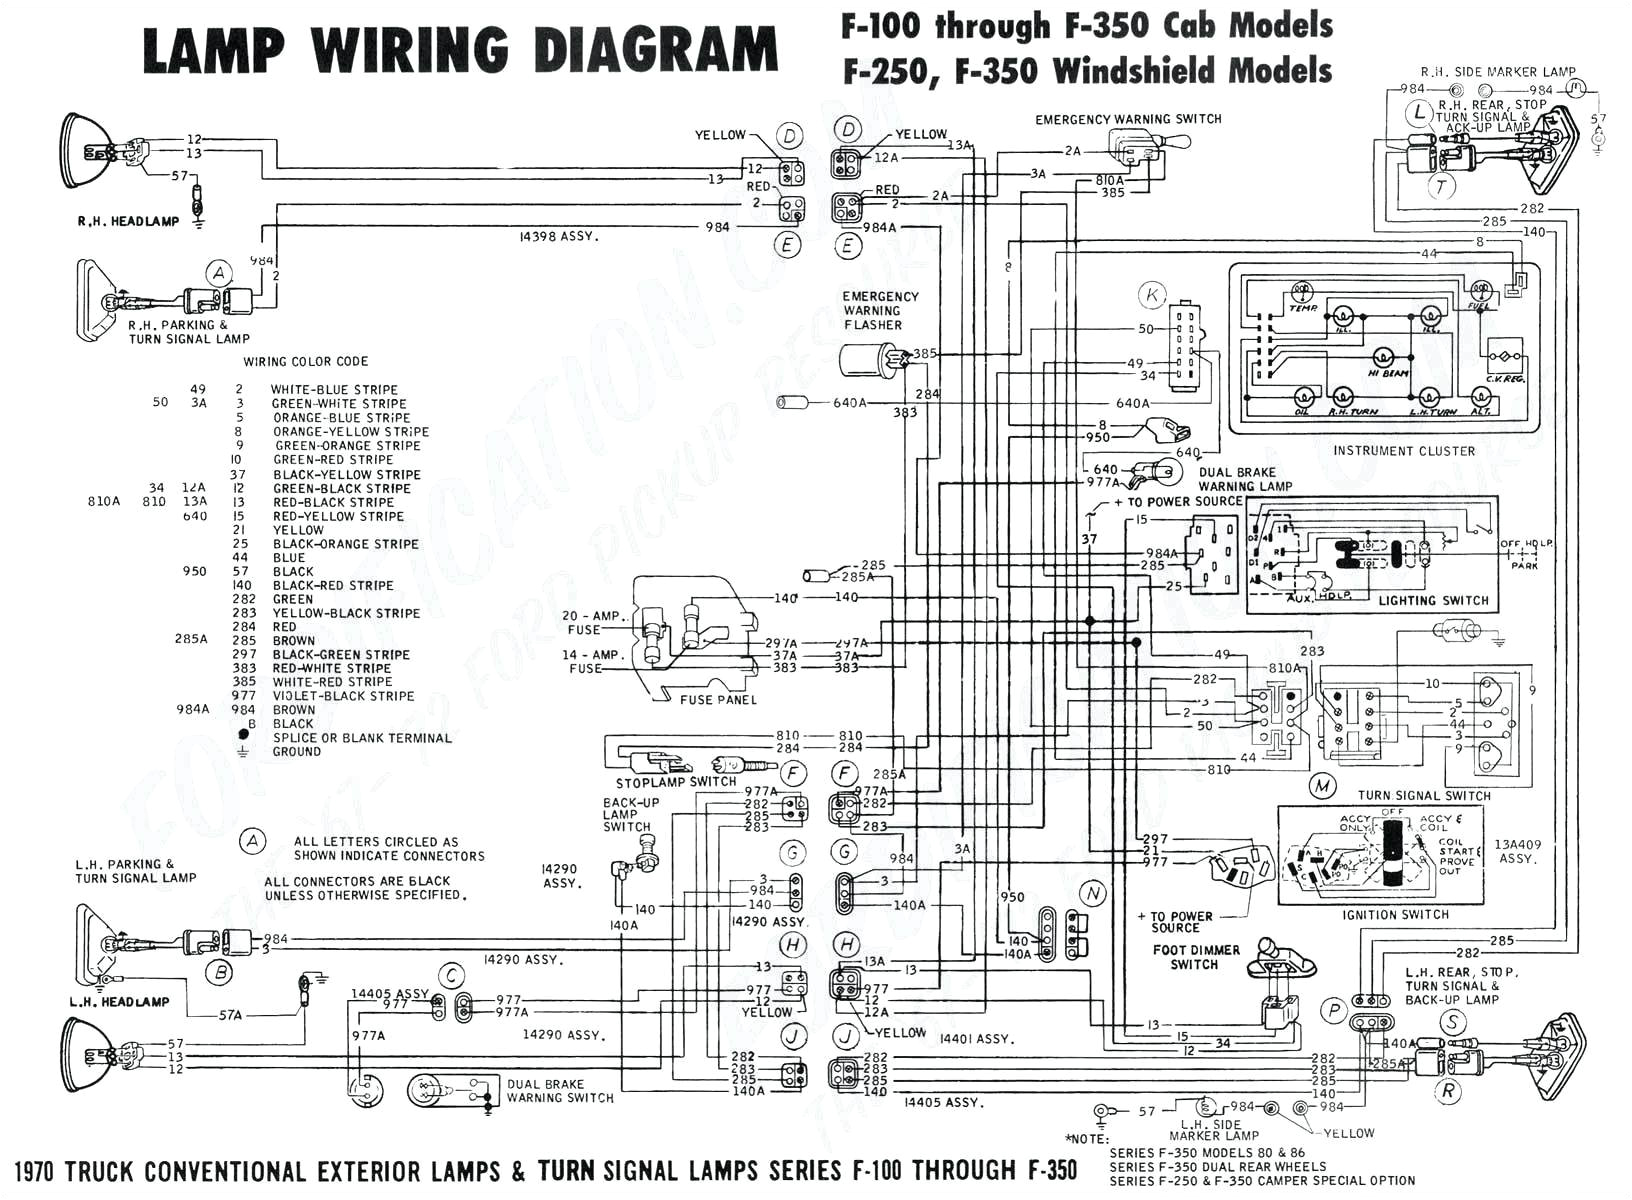 honda civic wiring harness diagram inspirational 08 honda civic stereo wiring diagram custom project wiring diagram e280a2 pics of honda civic wiring harness diagram jpg